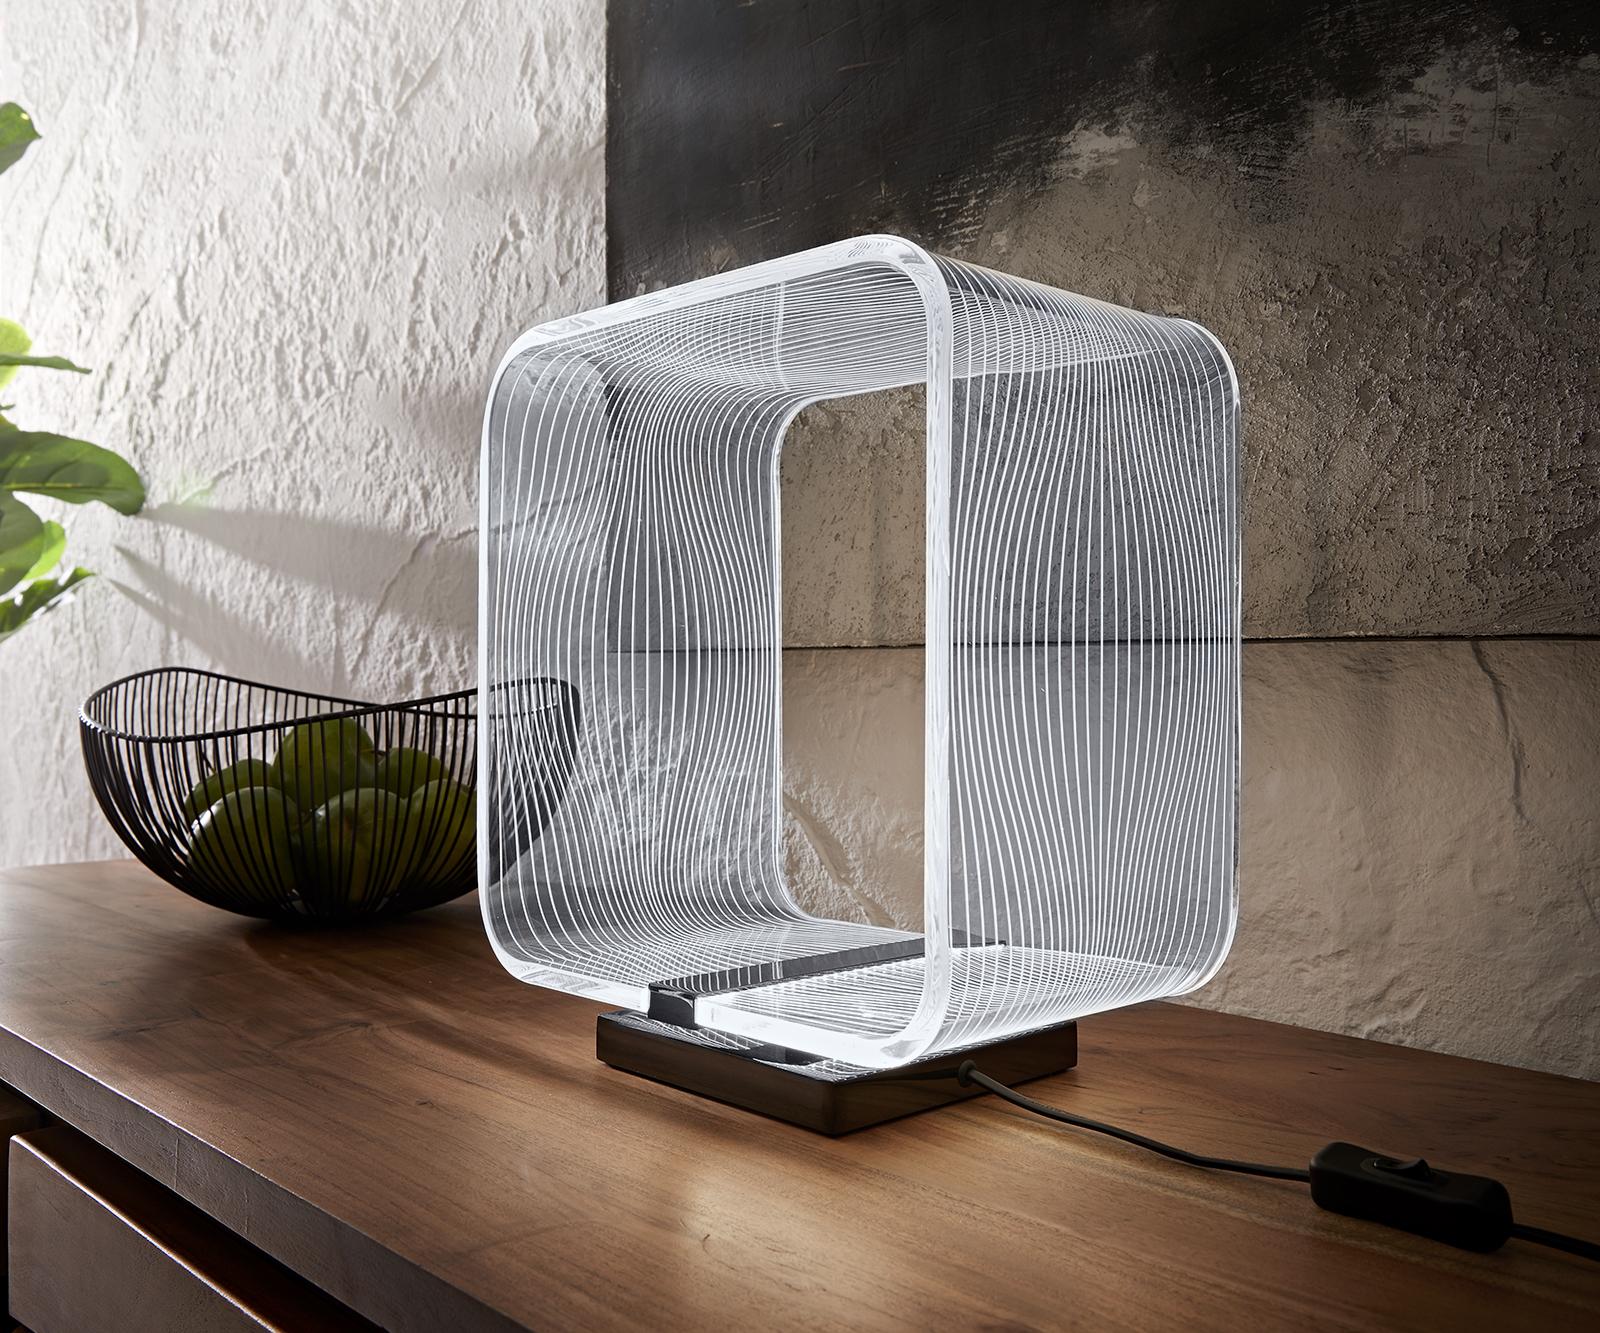 Tischleuchte Scatola 29x18x32 cm transparent LED 6W Tischlampe